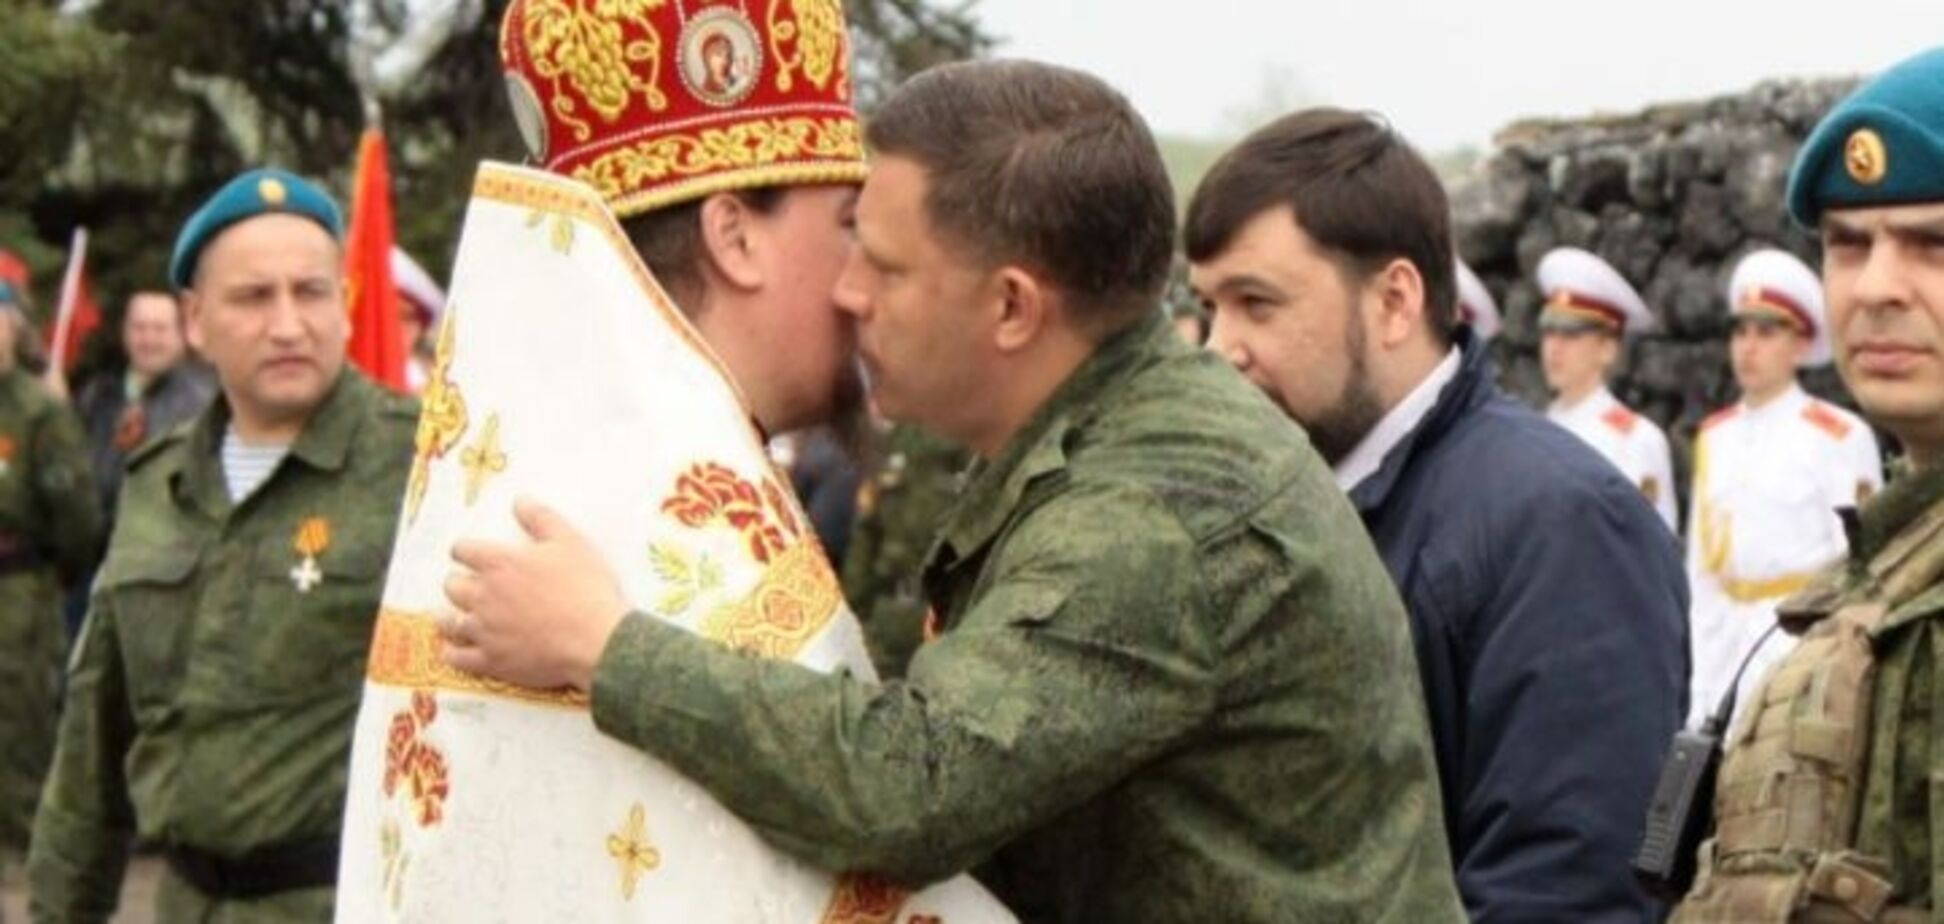 УПЦ МП працює на Росію: священик навів докази